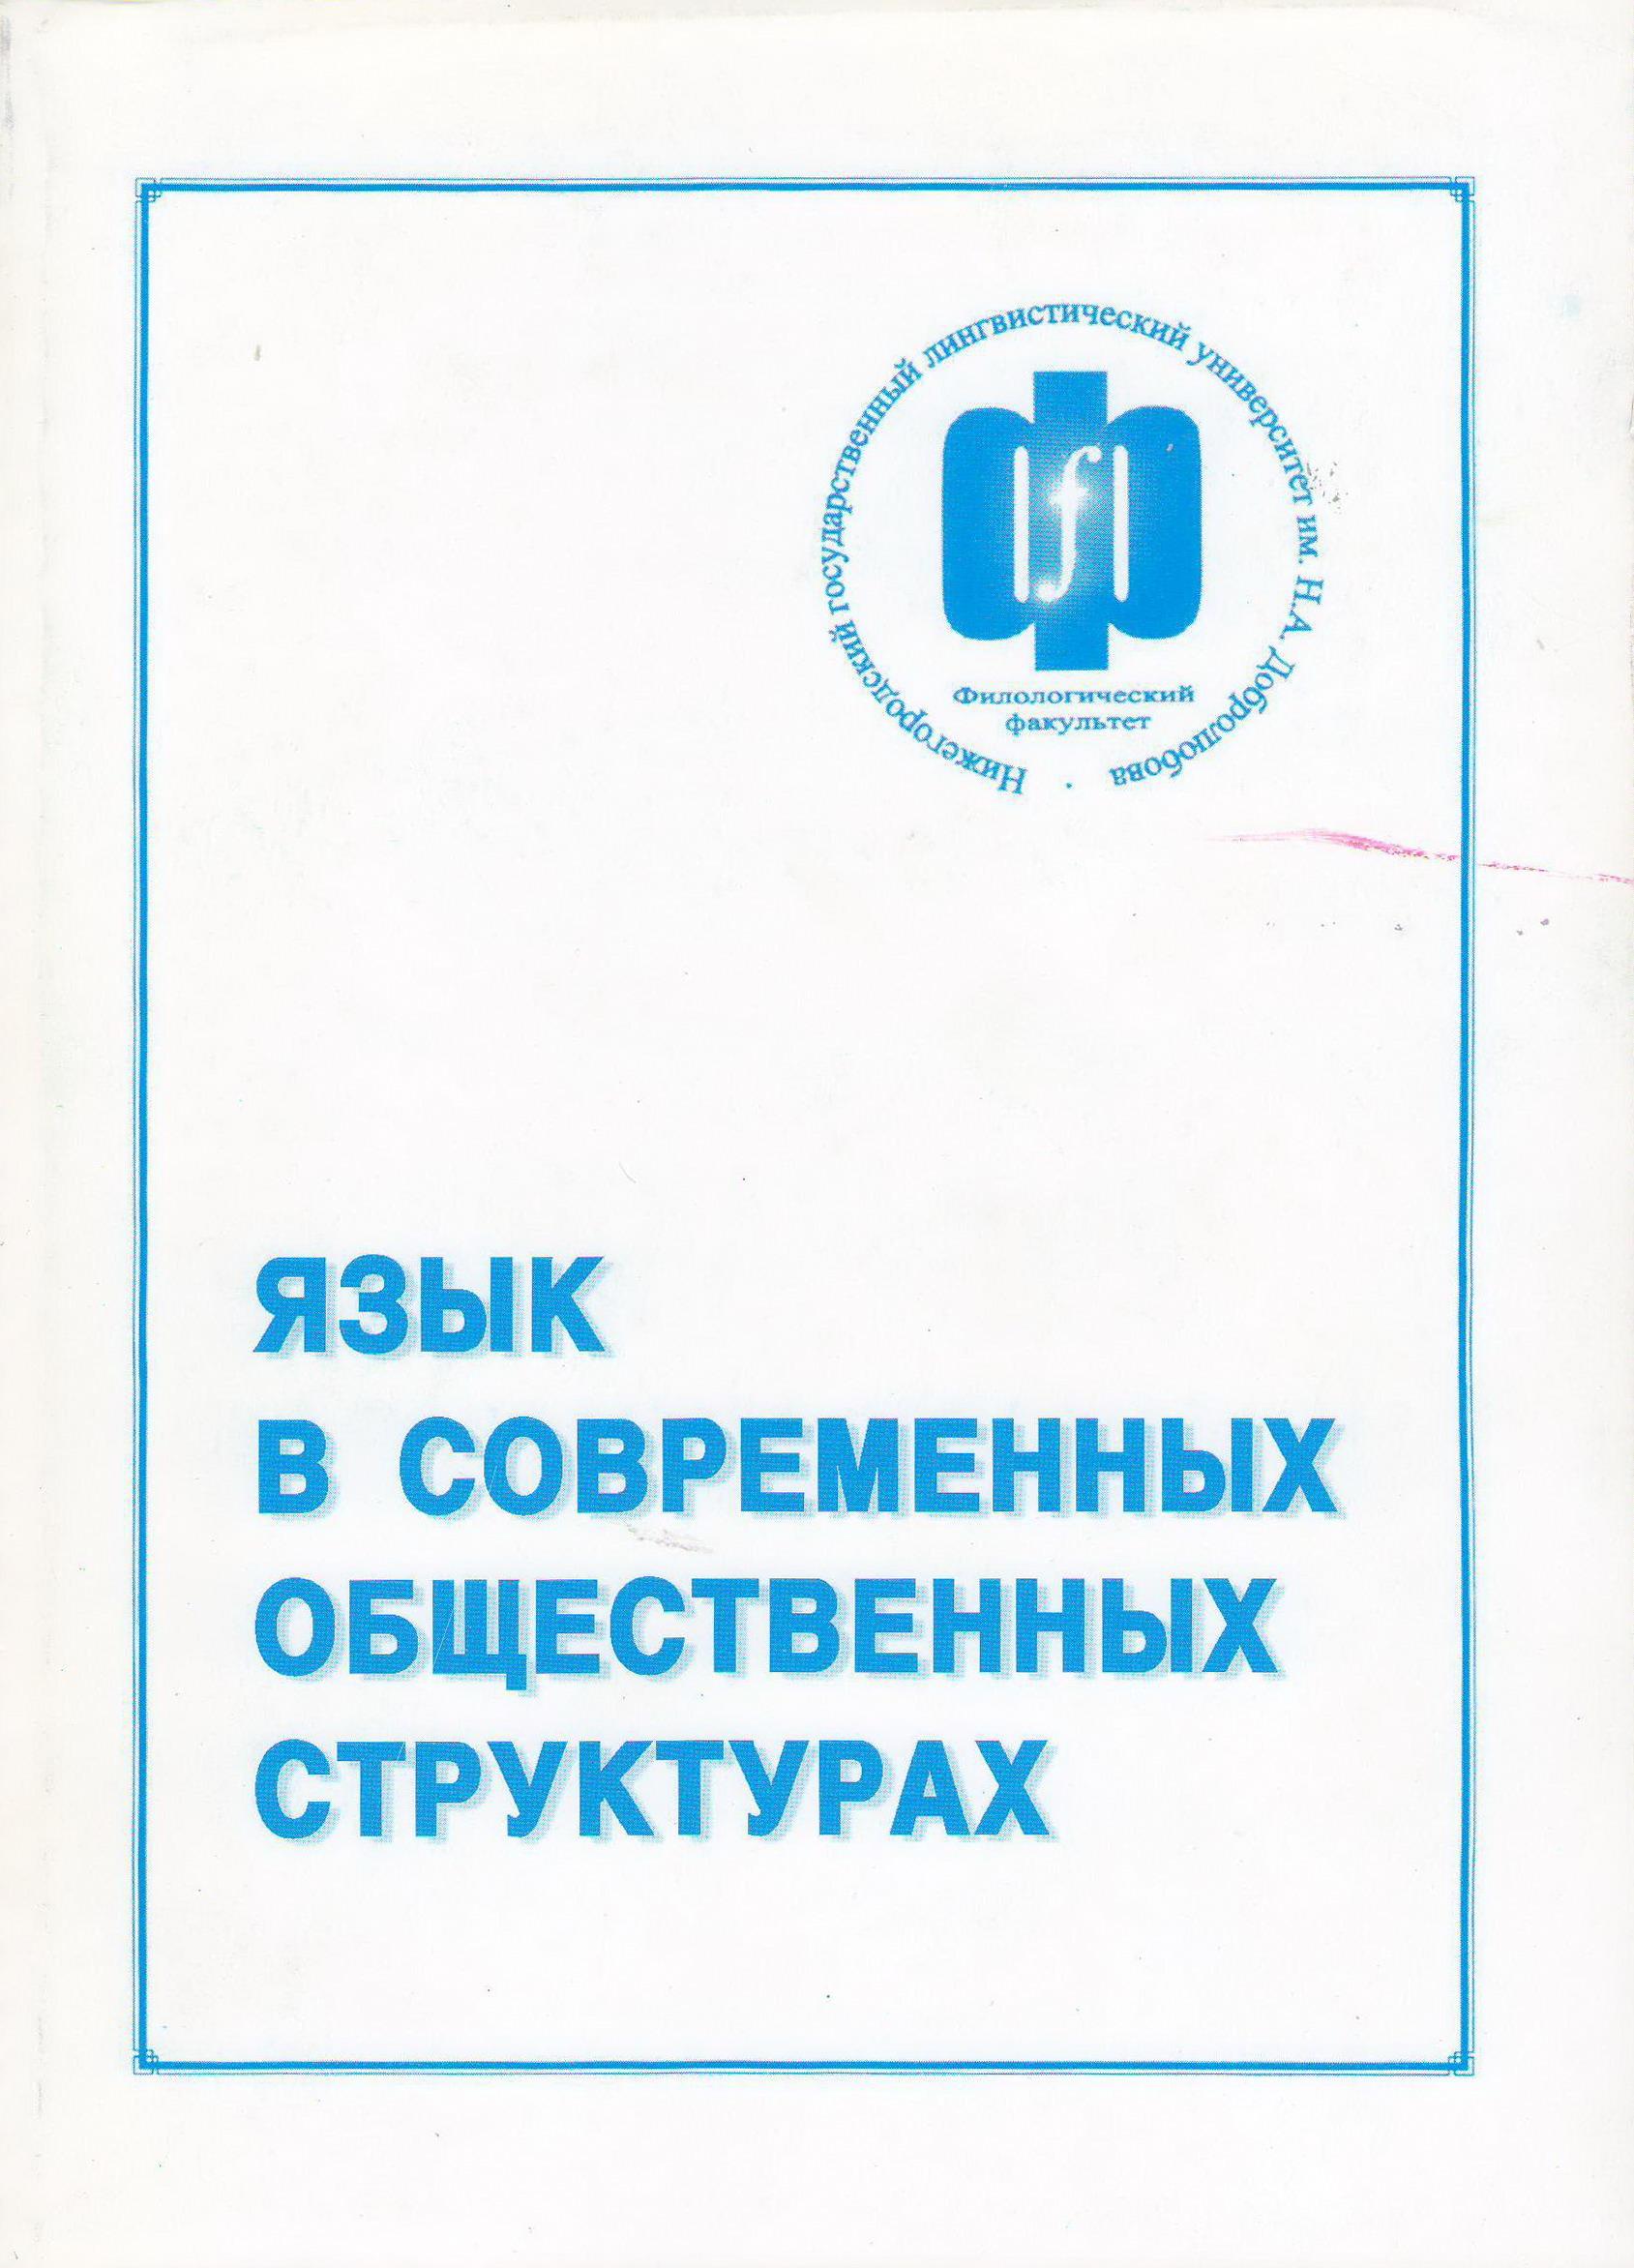 Структура интенциональных составляющих политического дискурса Нижегородского региона (содержание и методика анализа)